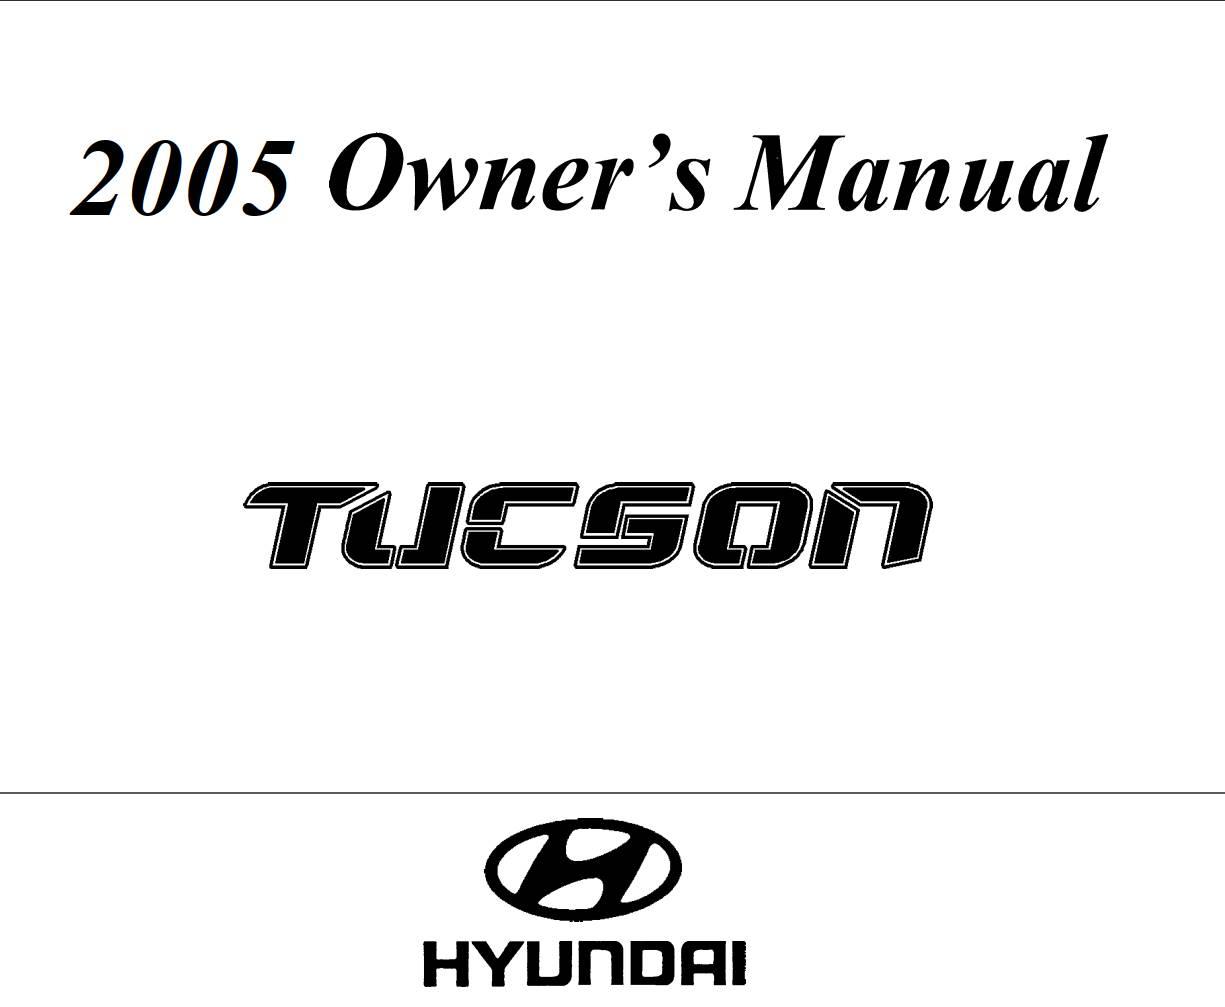 Hyundai Tucson 2005 Owner's Manual